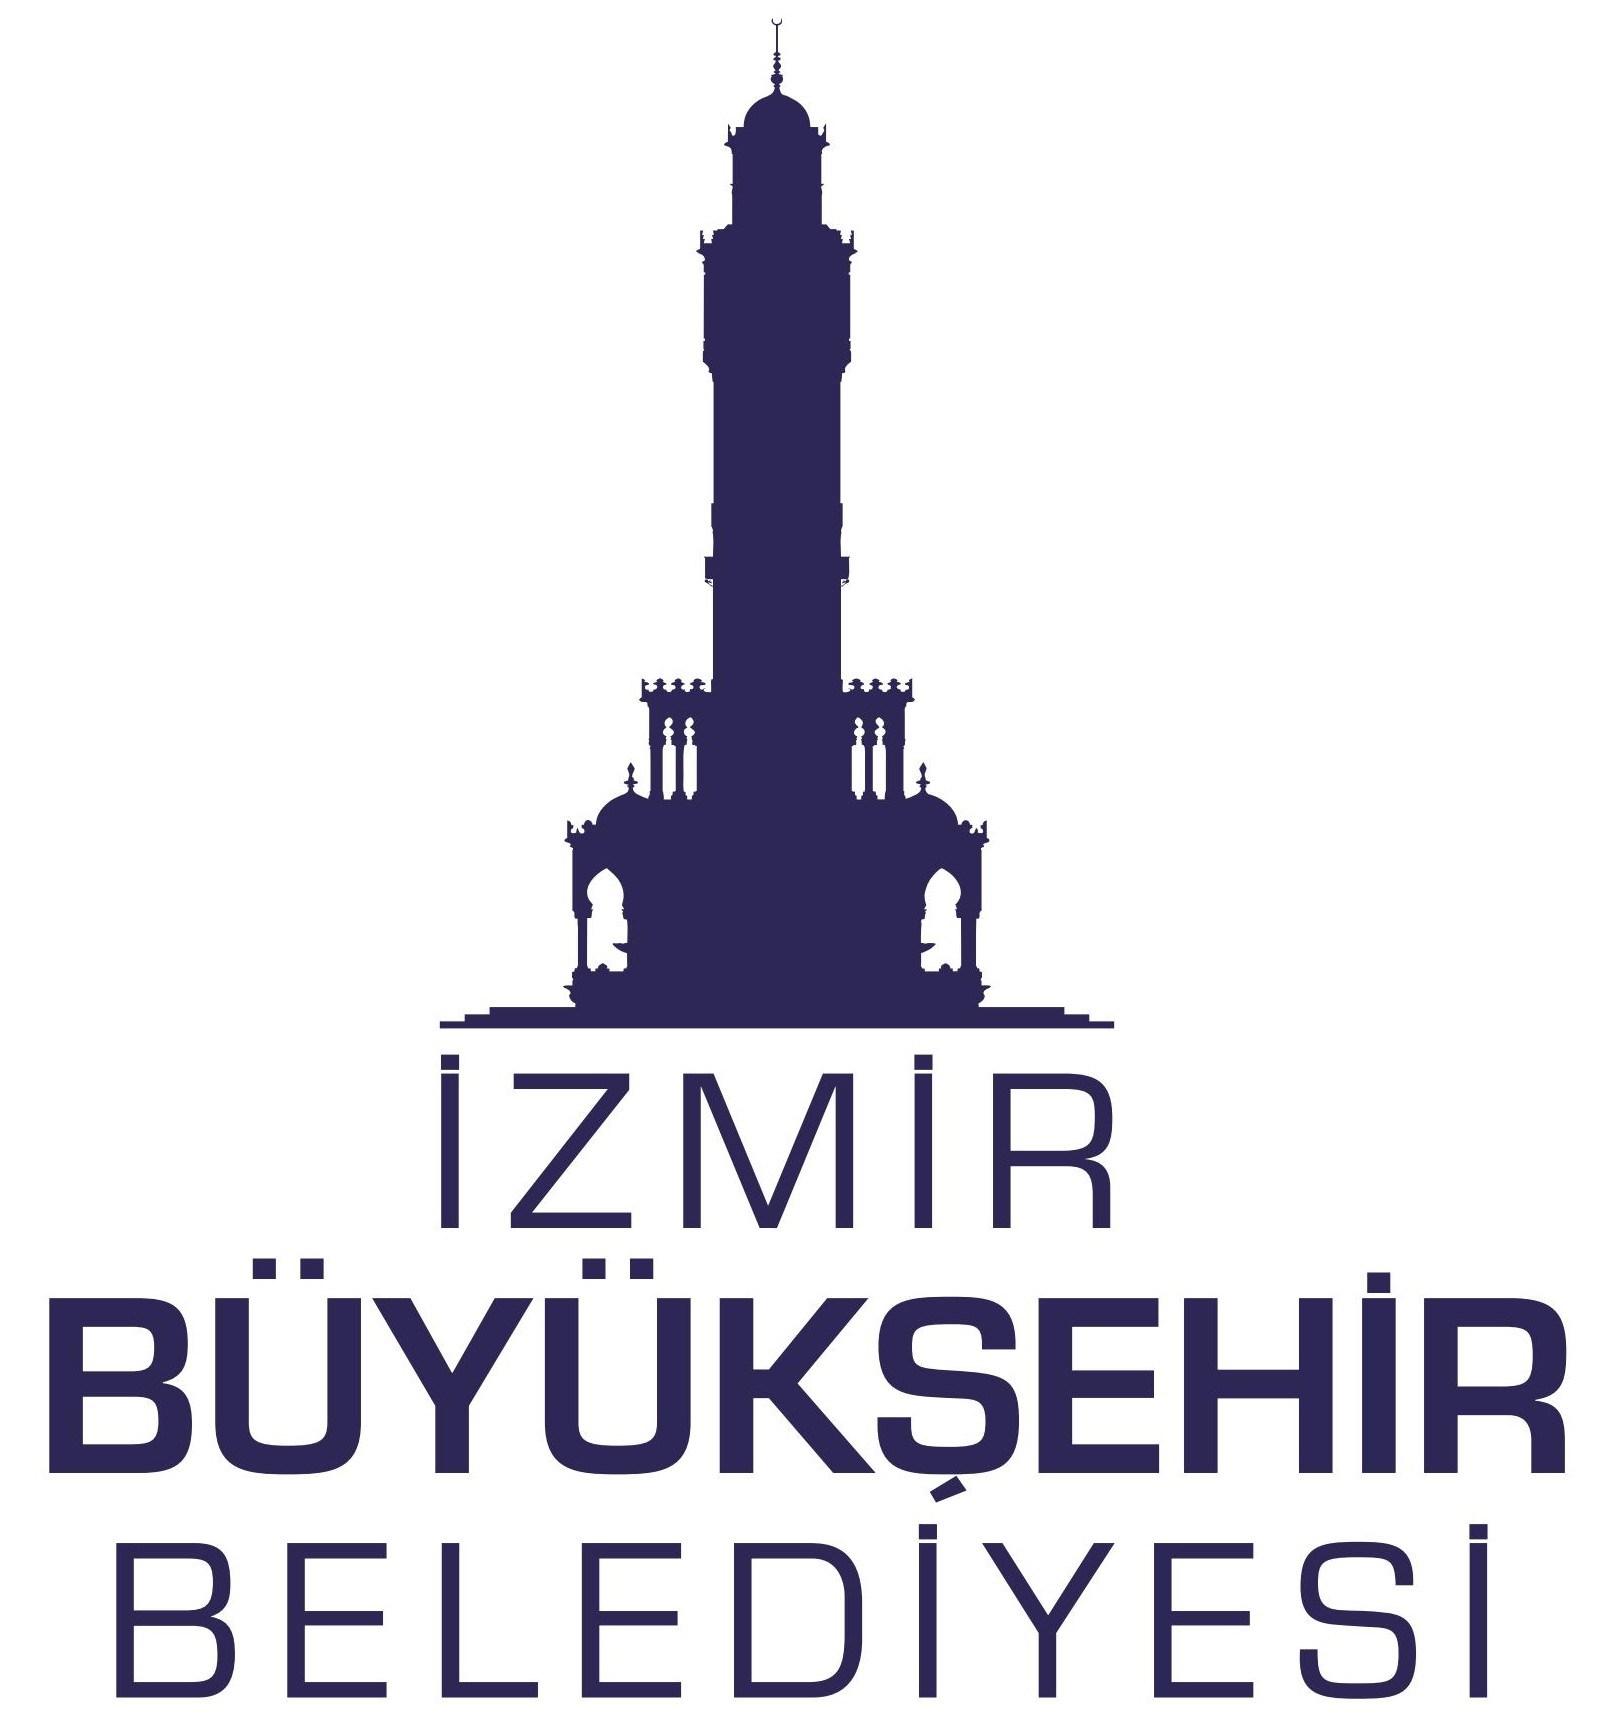 izmir-buyuksehir-belediyesi-logo